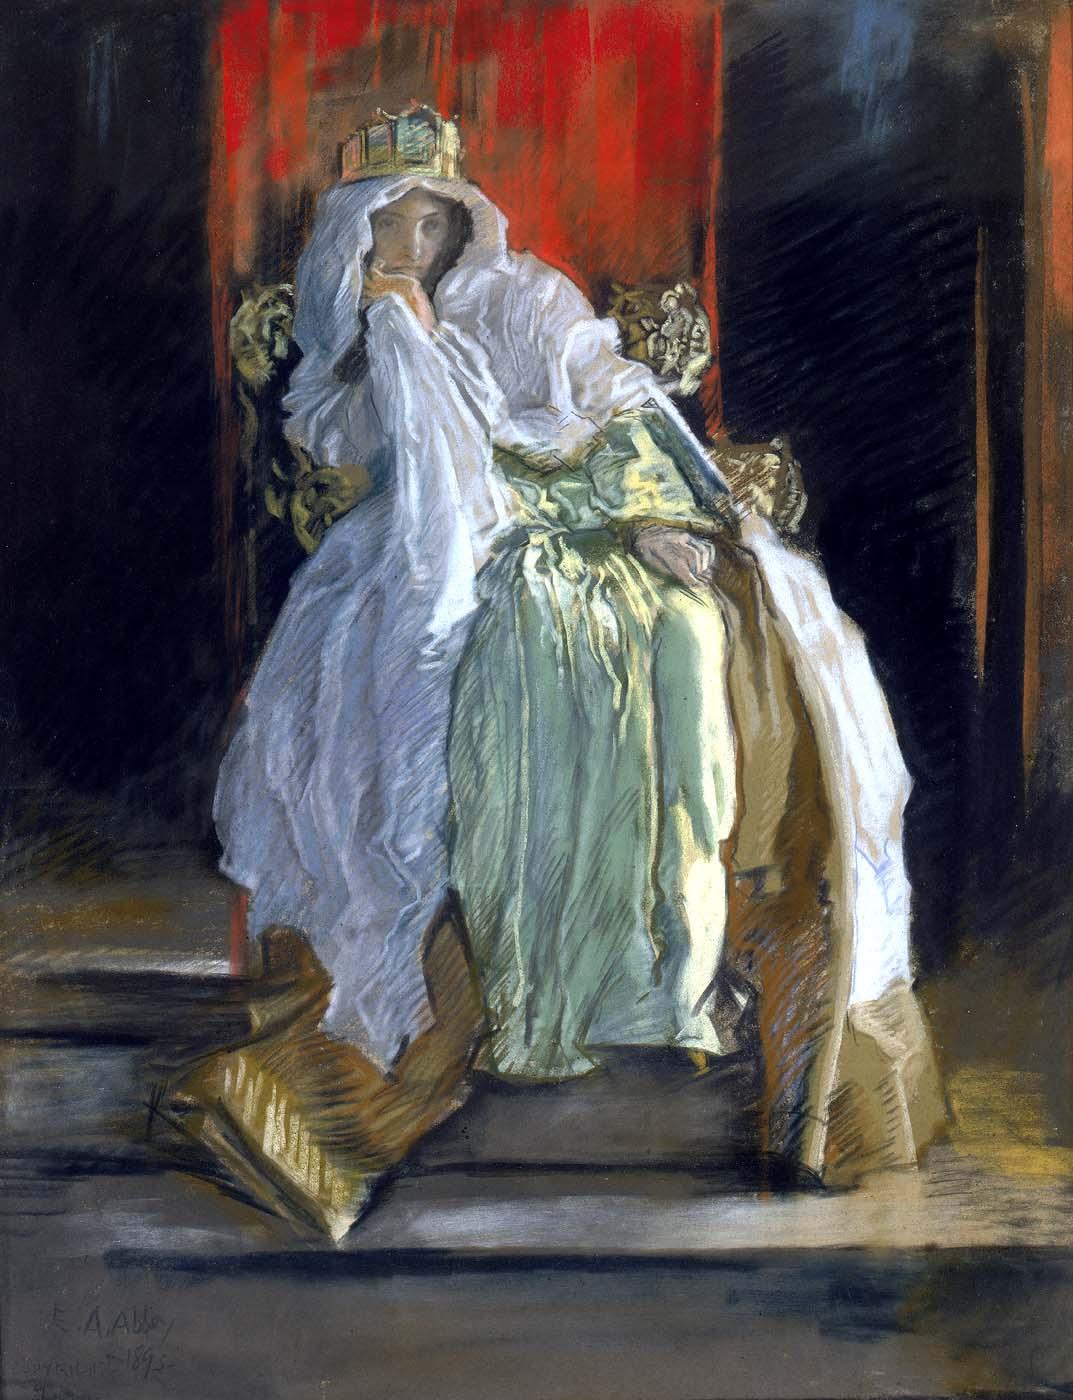 Hamlet Queen painting